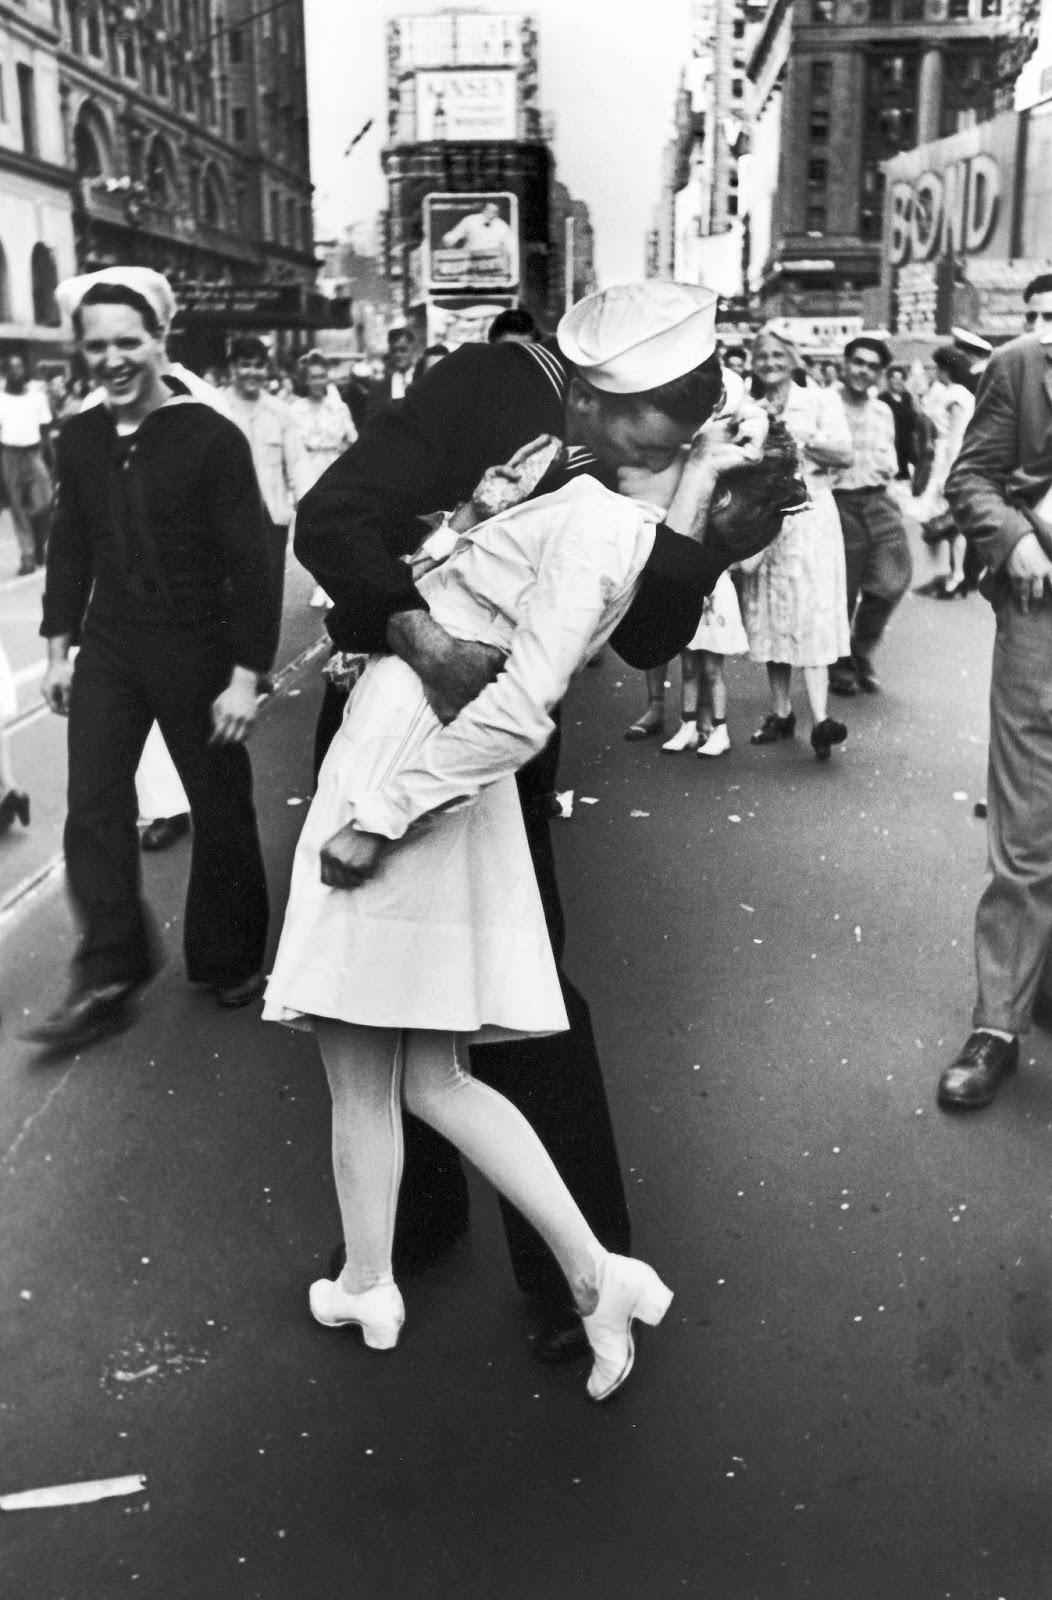 Fotó: Alfred Eisenstaedt: Times Square, New York,  1945. augusztus 14. © Alfred Eisenstaedt / Europress / Getty<br /><br />A II. világháború lezárásának egyik ikonikus képe a leghíresebb csókfotó.